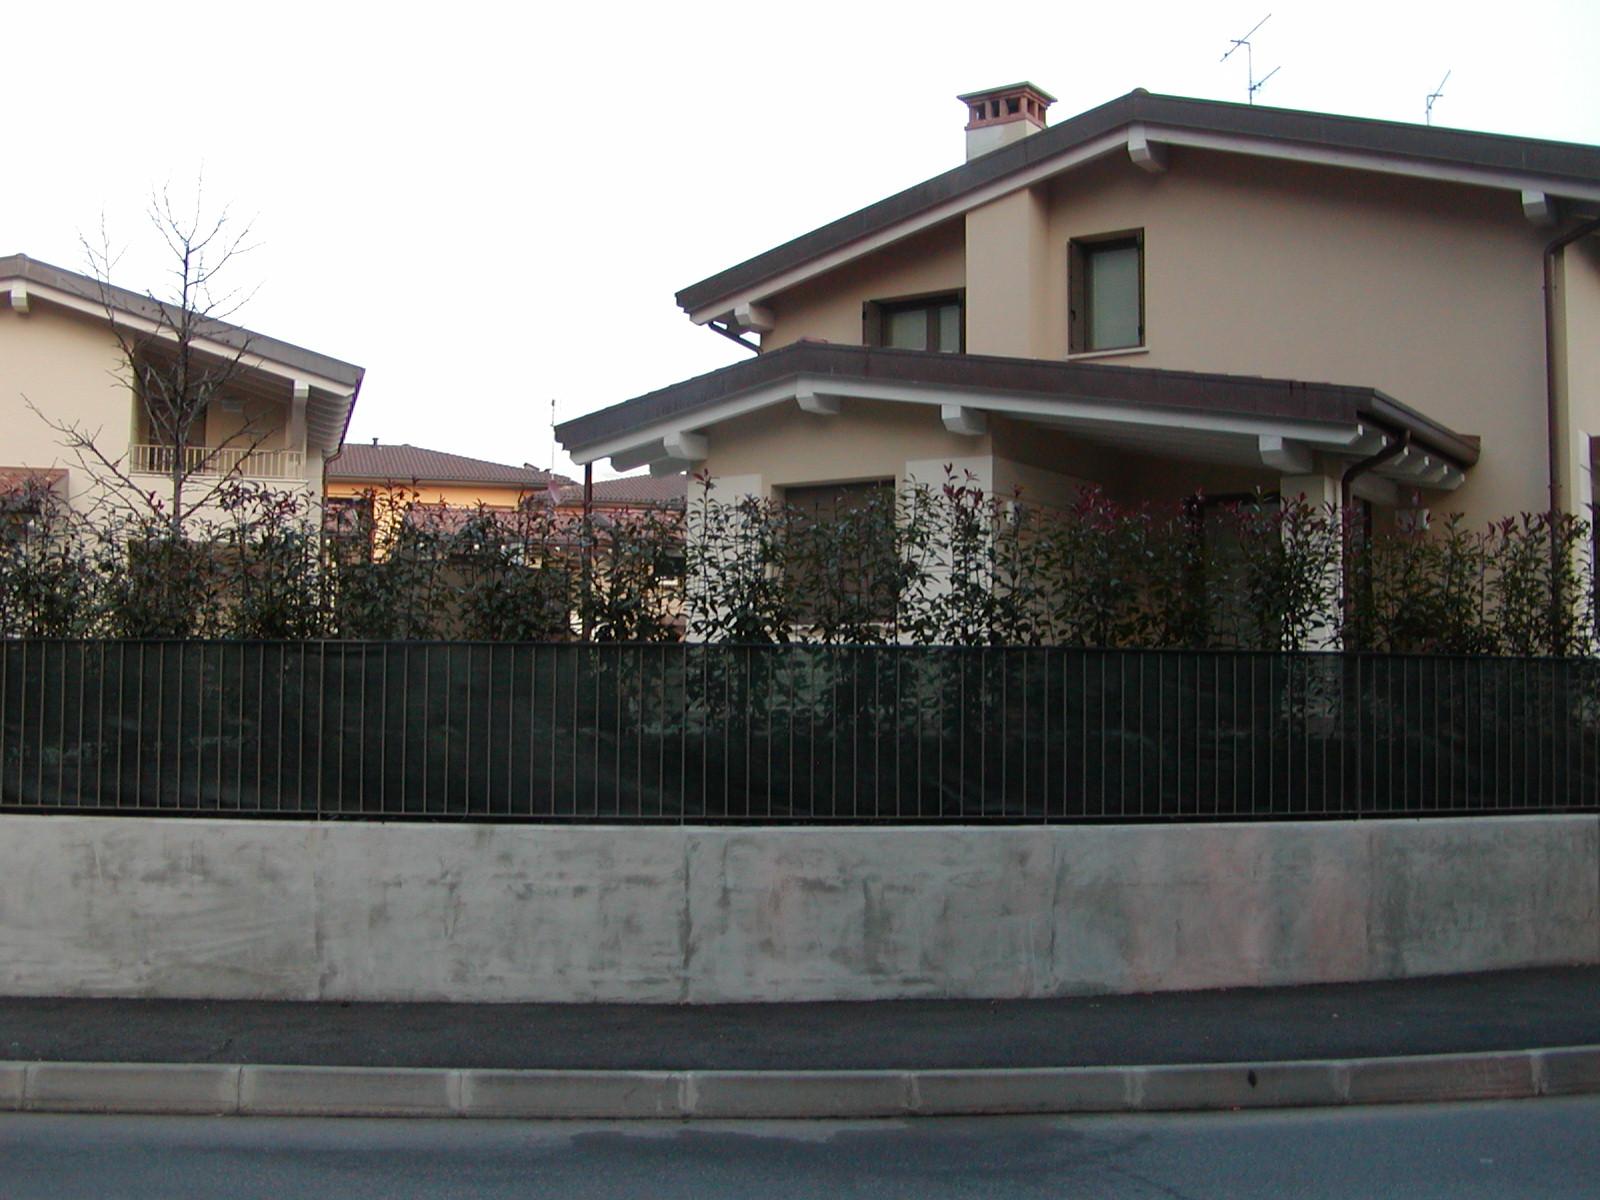 Studio-di-architettura-Baisotti-Sigala-prgetti621